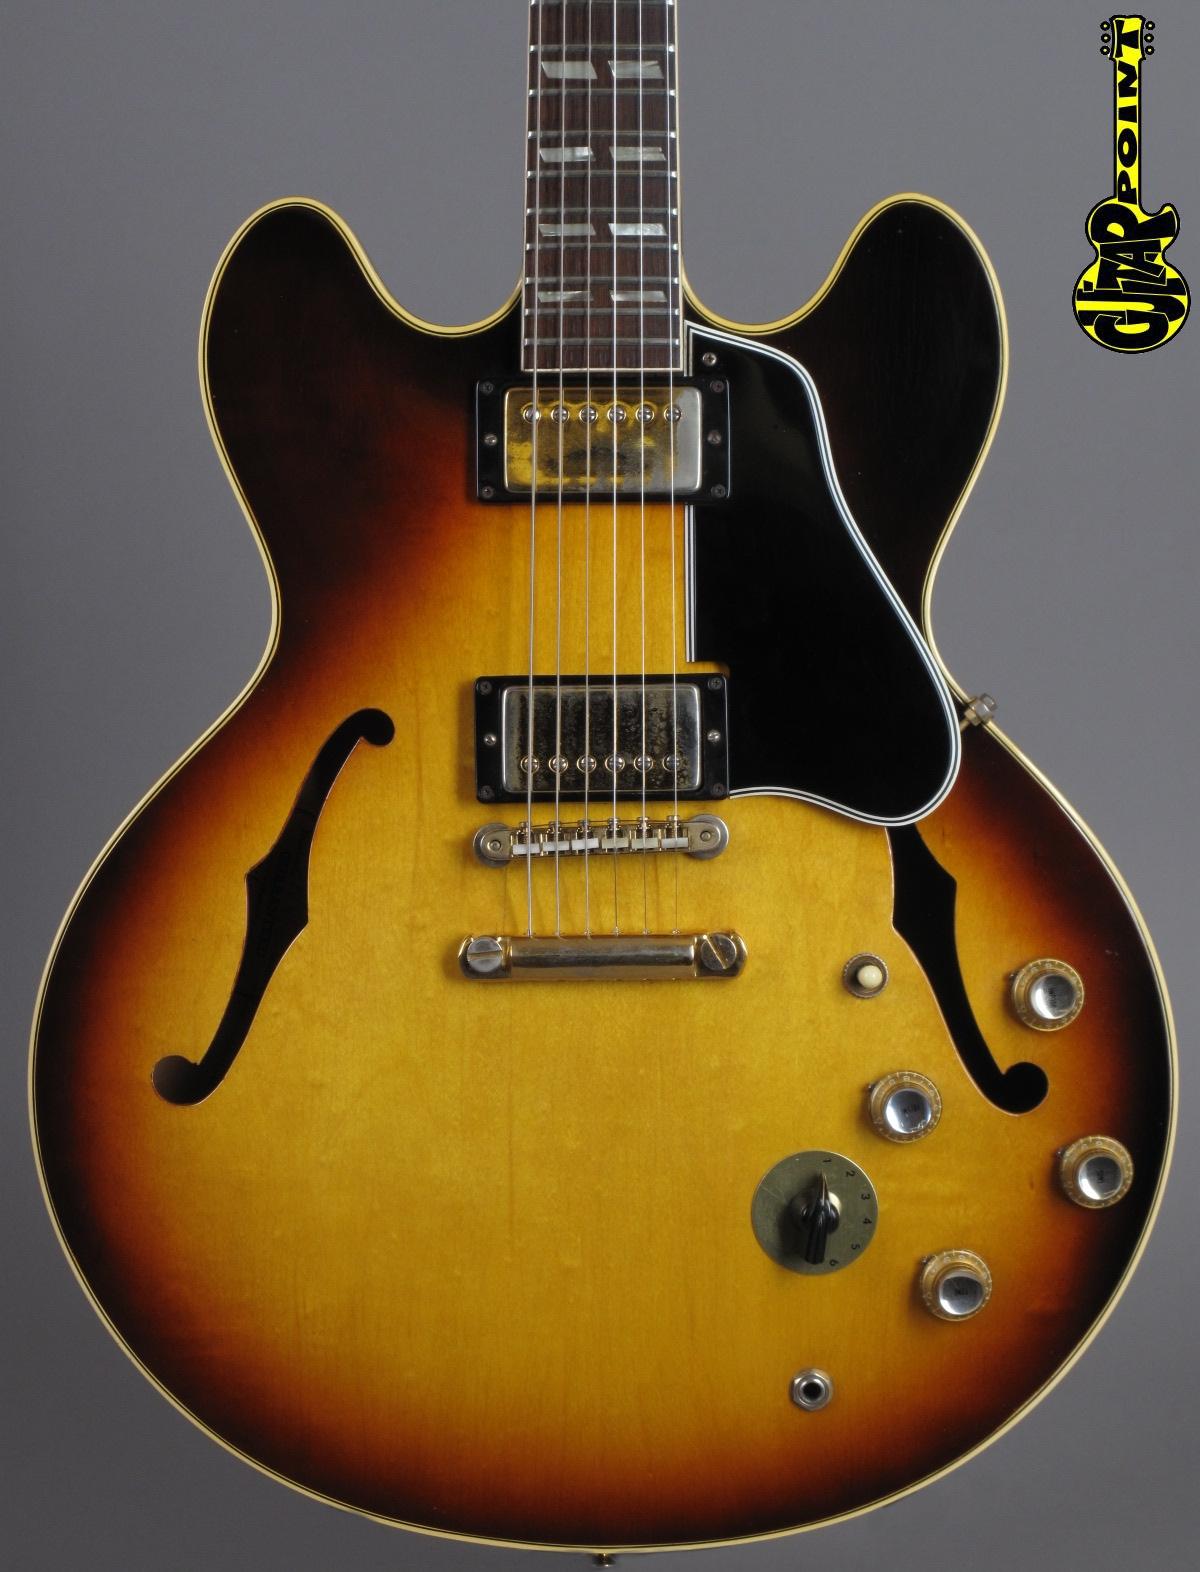 1964 Gibson ES-345 TD - Sunburst